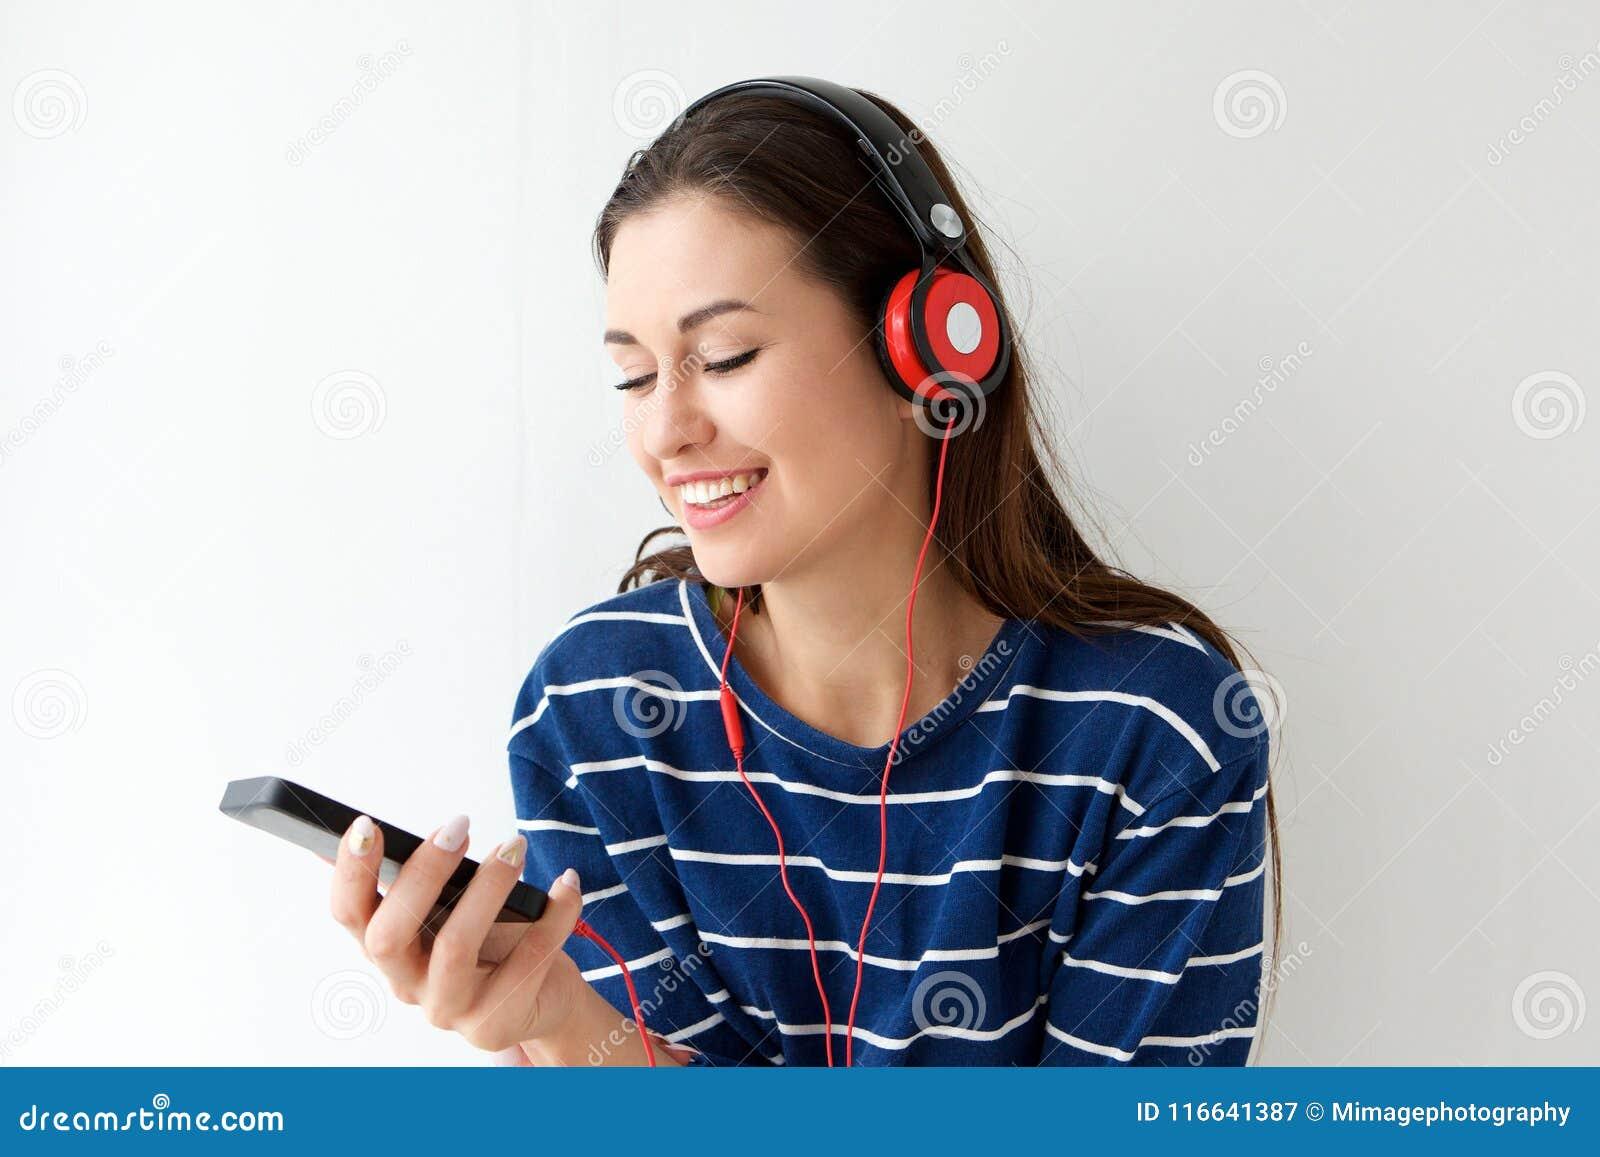 Ευτυχής νέα γυναίκα που εξετάζει το κινητό τηλέφωνο και που ακούει τη μουσική με τα ακουστικά